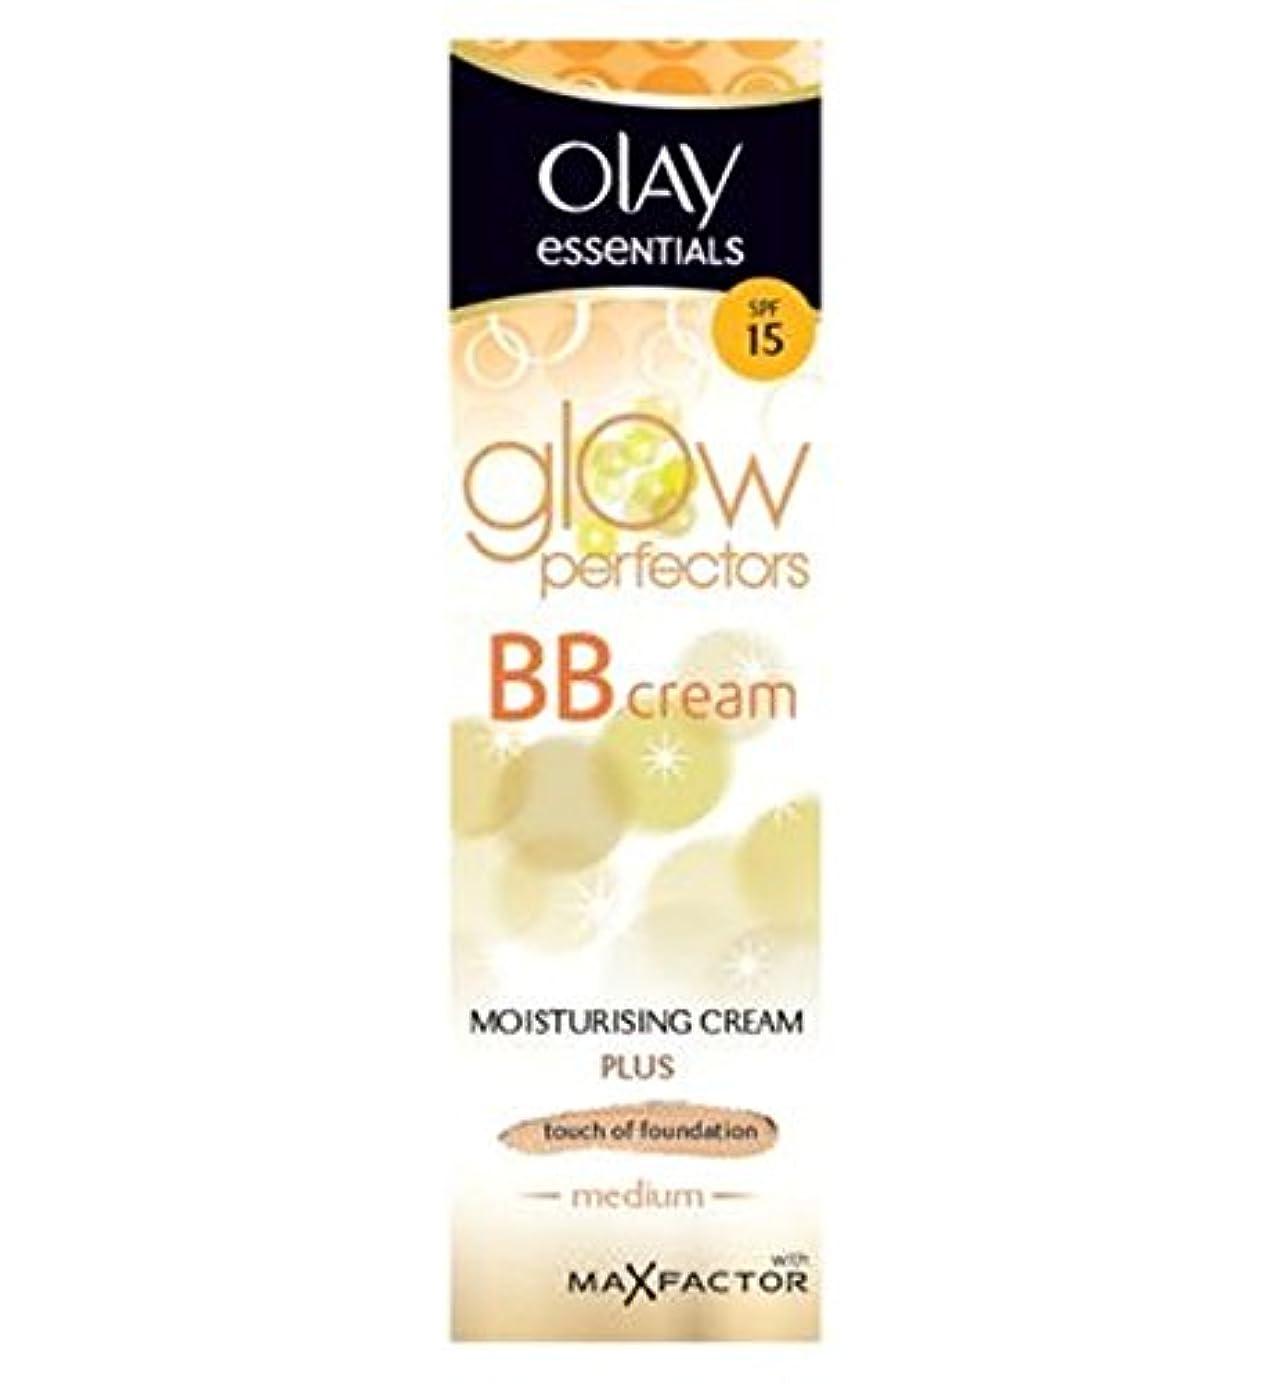 裏切り者スピリチュアル謙虚着色保湿50ミリリットルを完成オーレイ完全なBbクリームSpf15スキン - 中 (Olay) (x2) - Olay Complete BB Cream SPF15 Skin Perfecting Tinted Moisturiser...